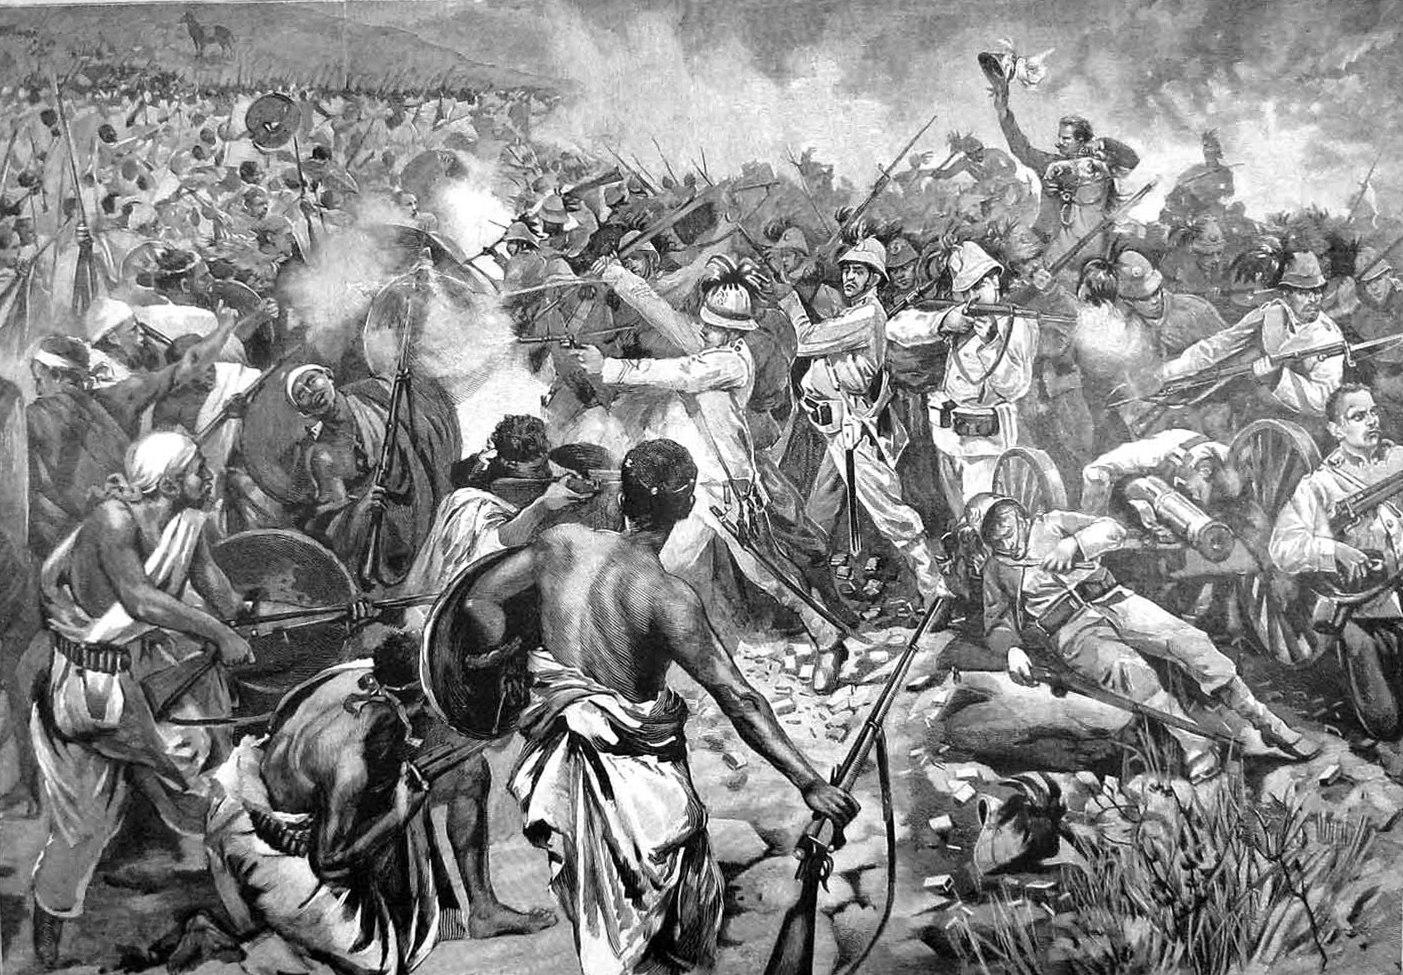 bataille d'Insamankou